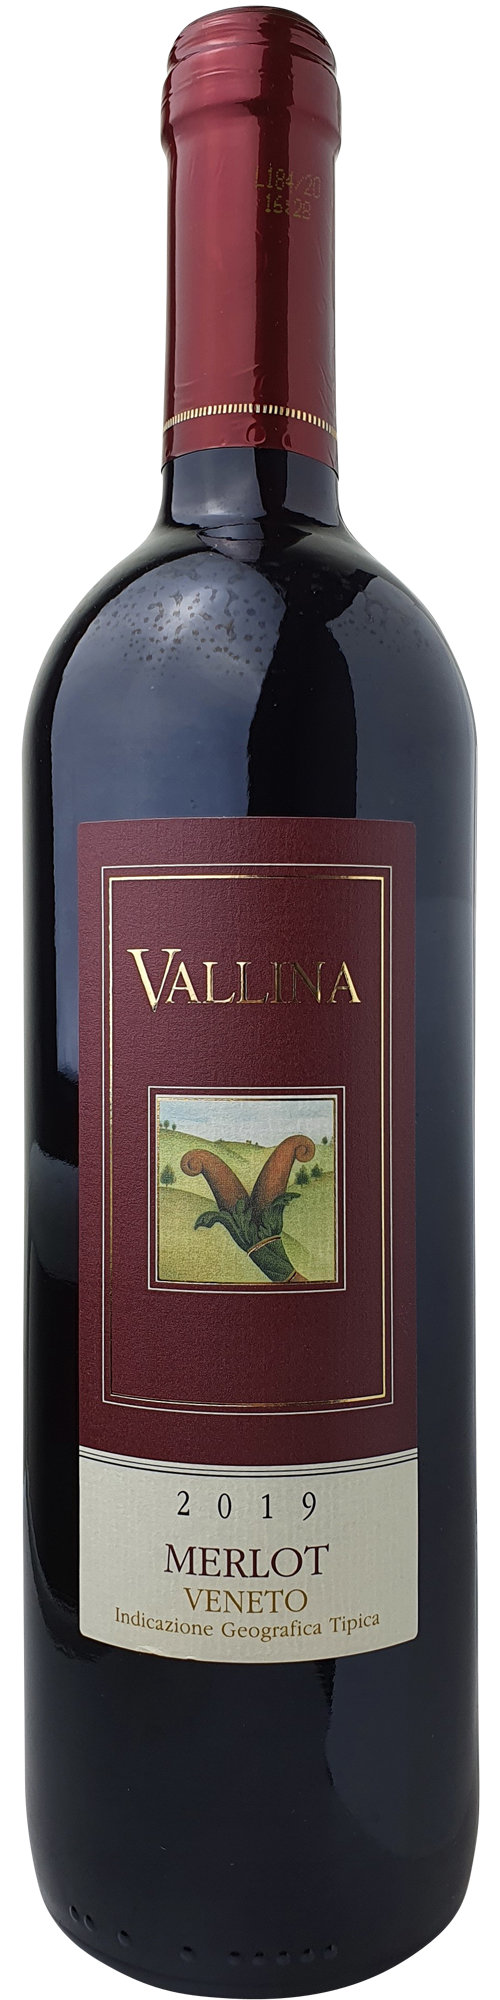 2019 Vallina Merlot